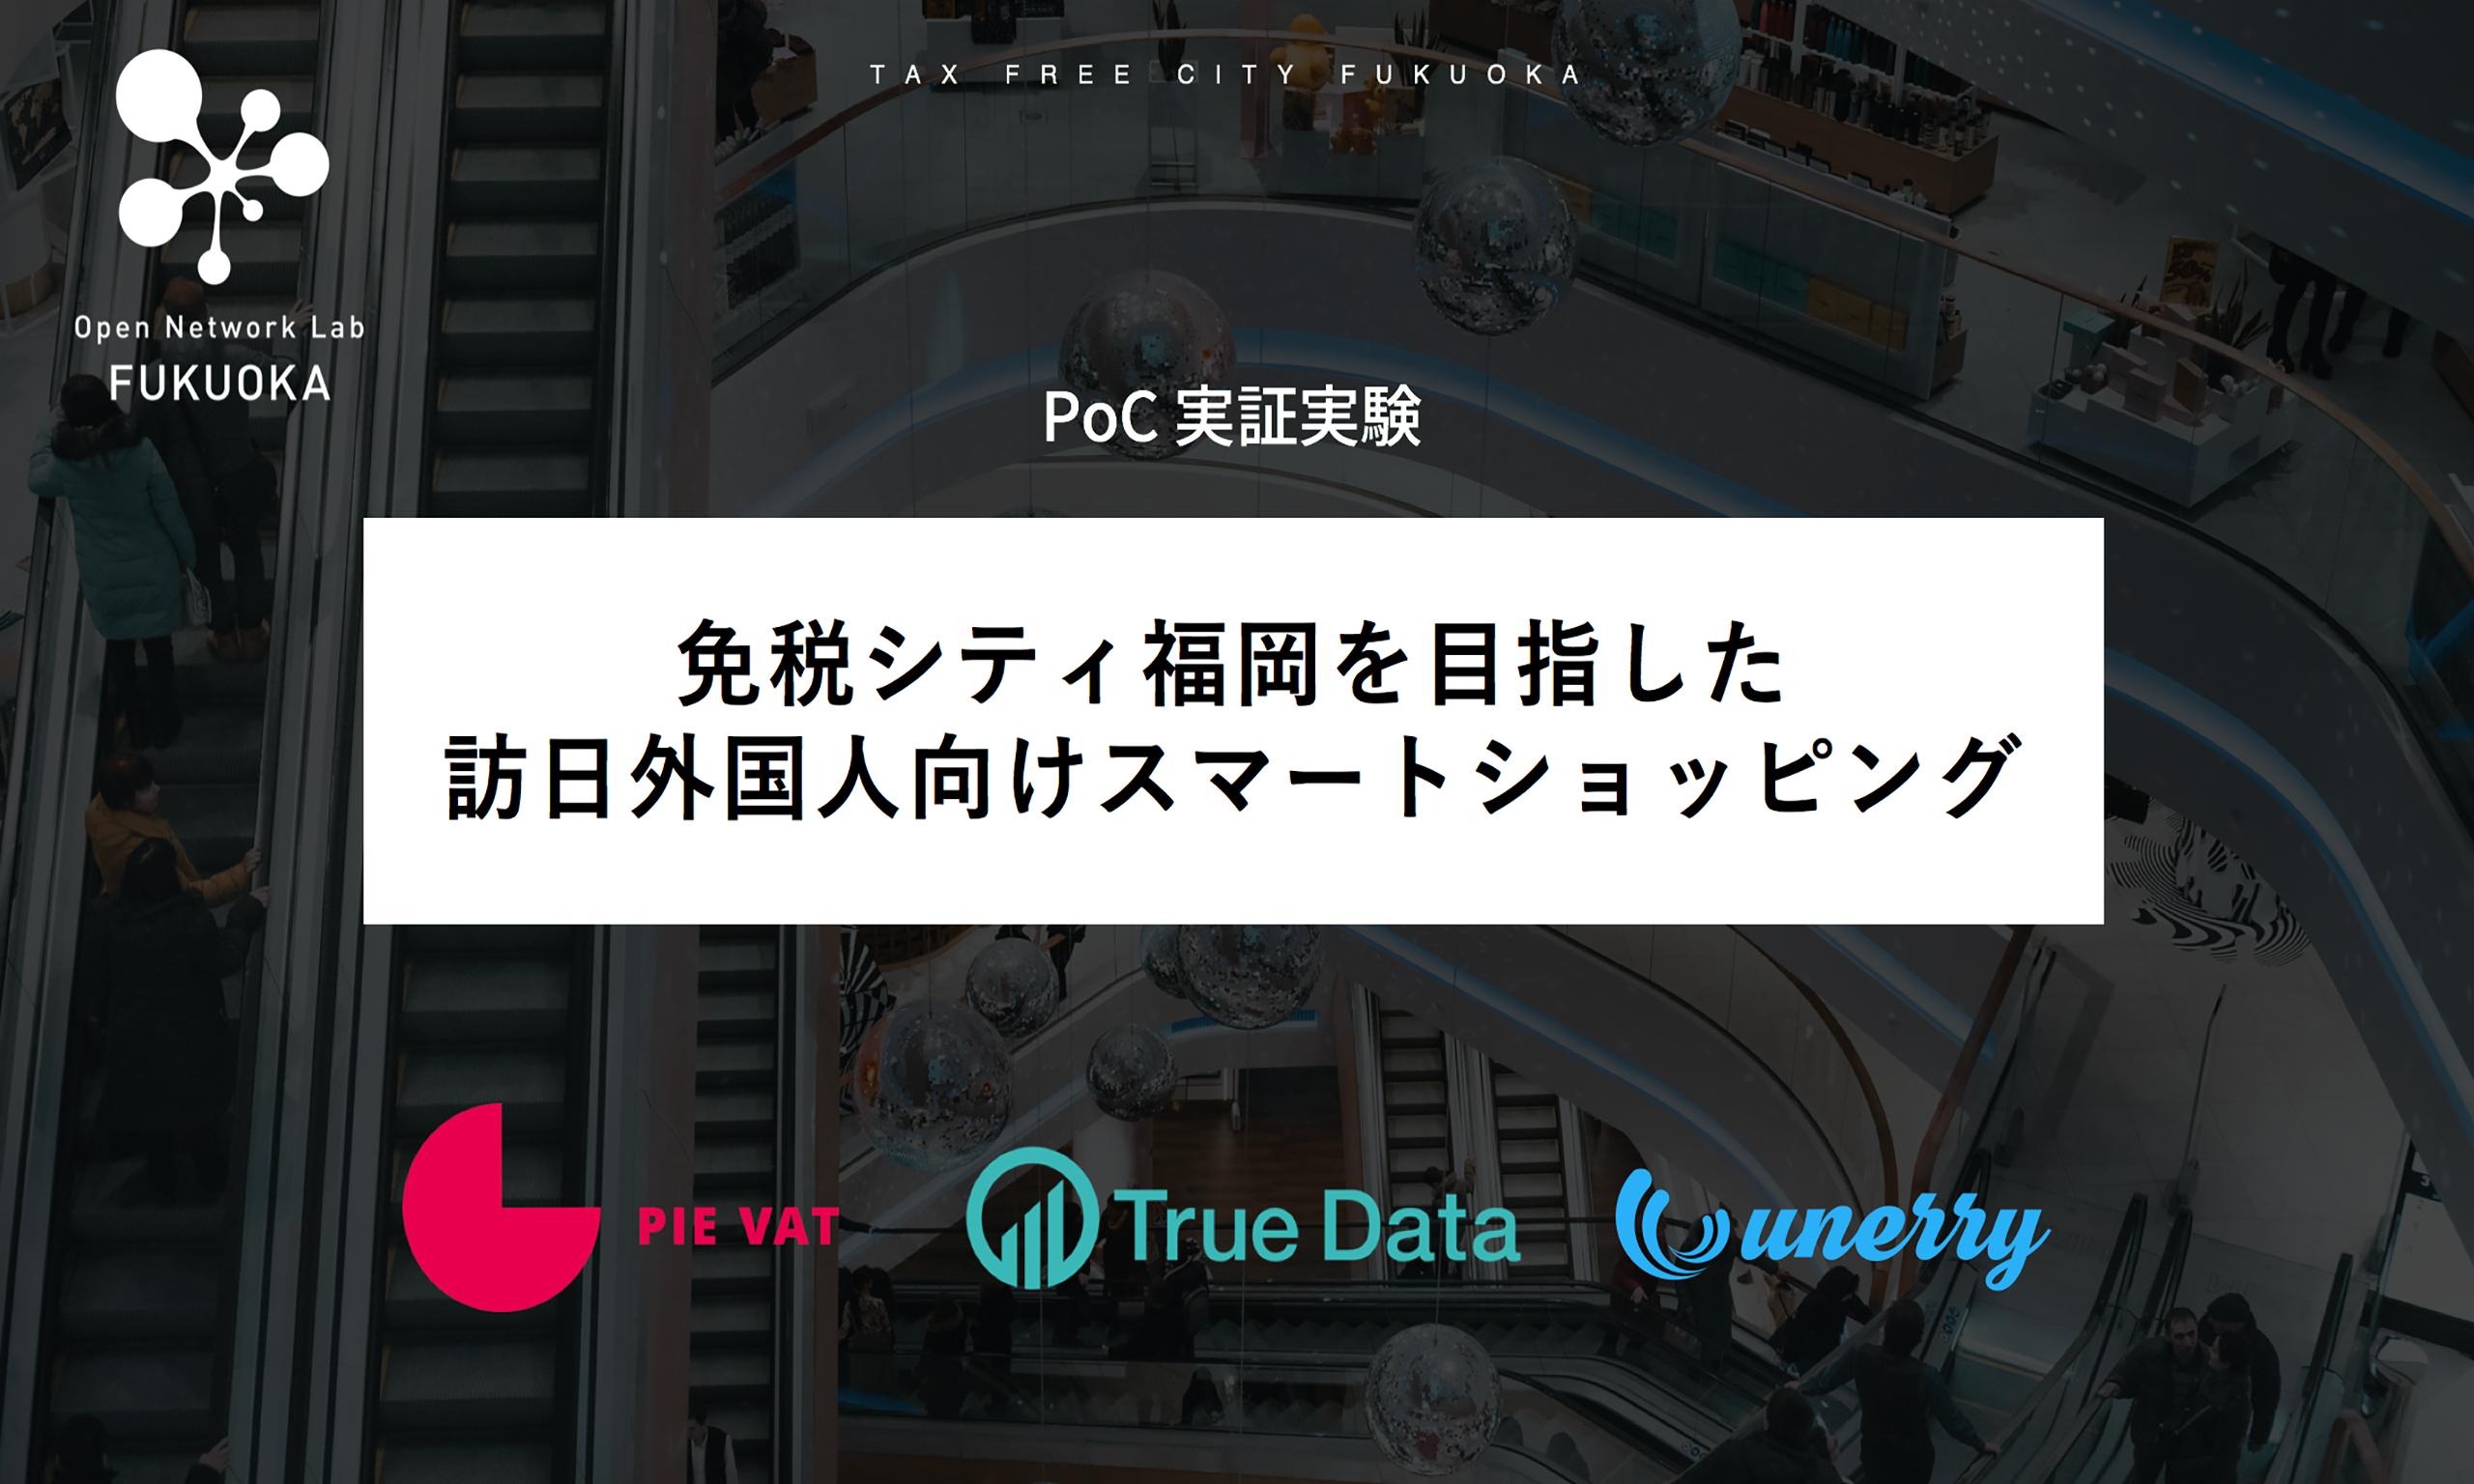 免税電子化を基点とした地域観光マーケティング。Onlab FUKUOKAはスタートアップ3社とどのようなPoCを実現したのか